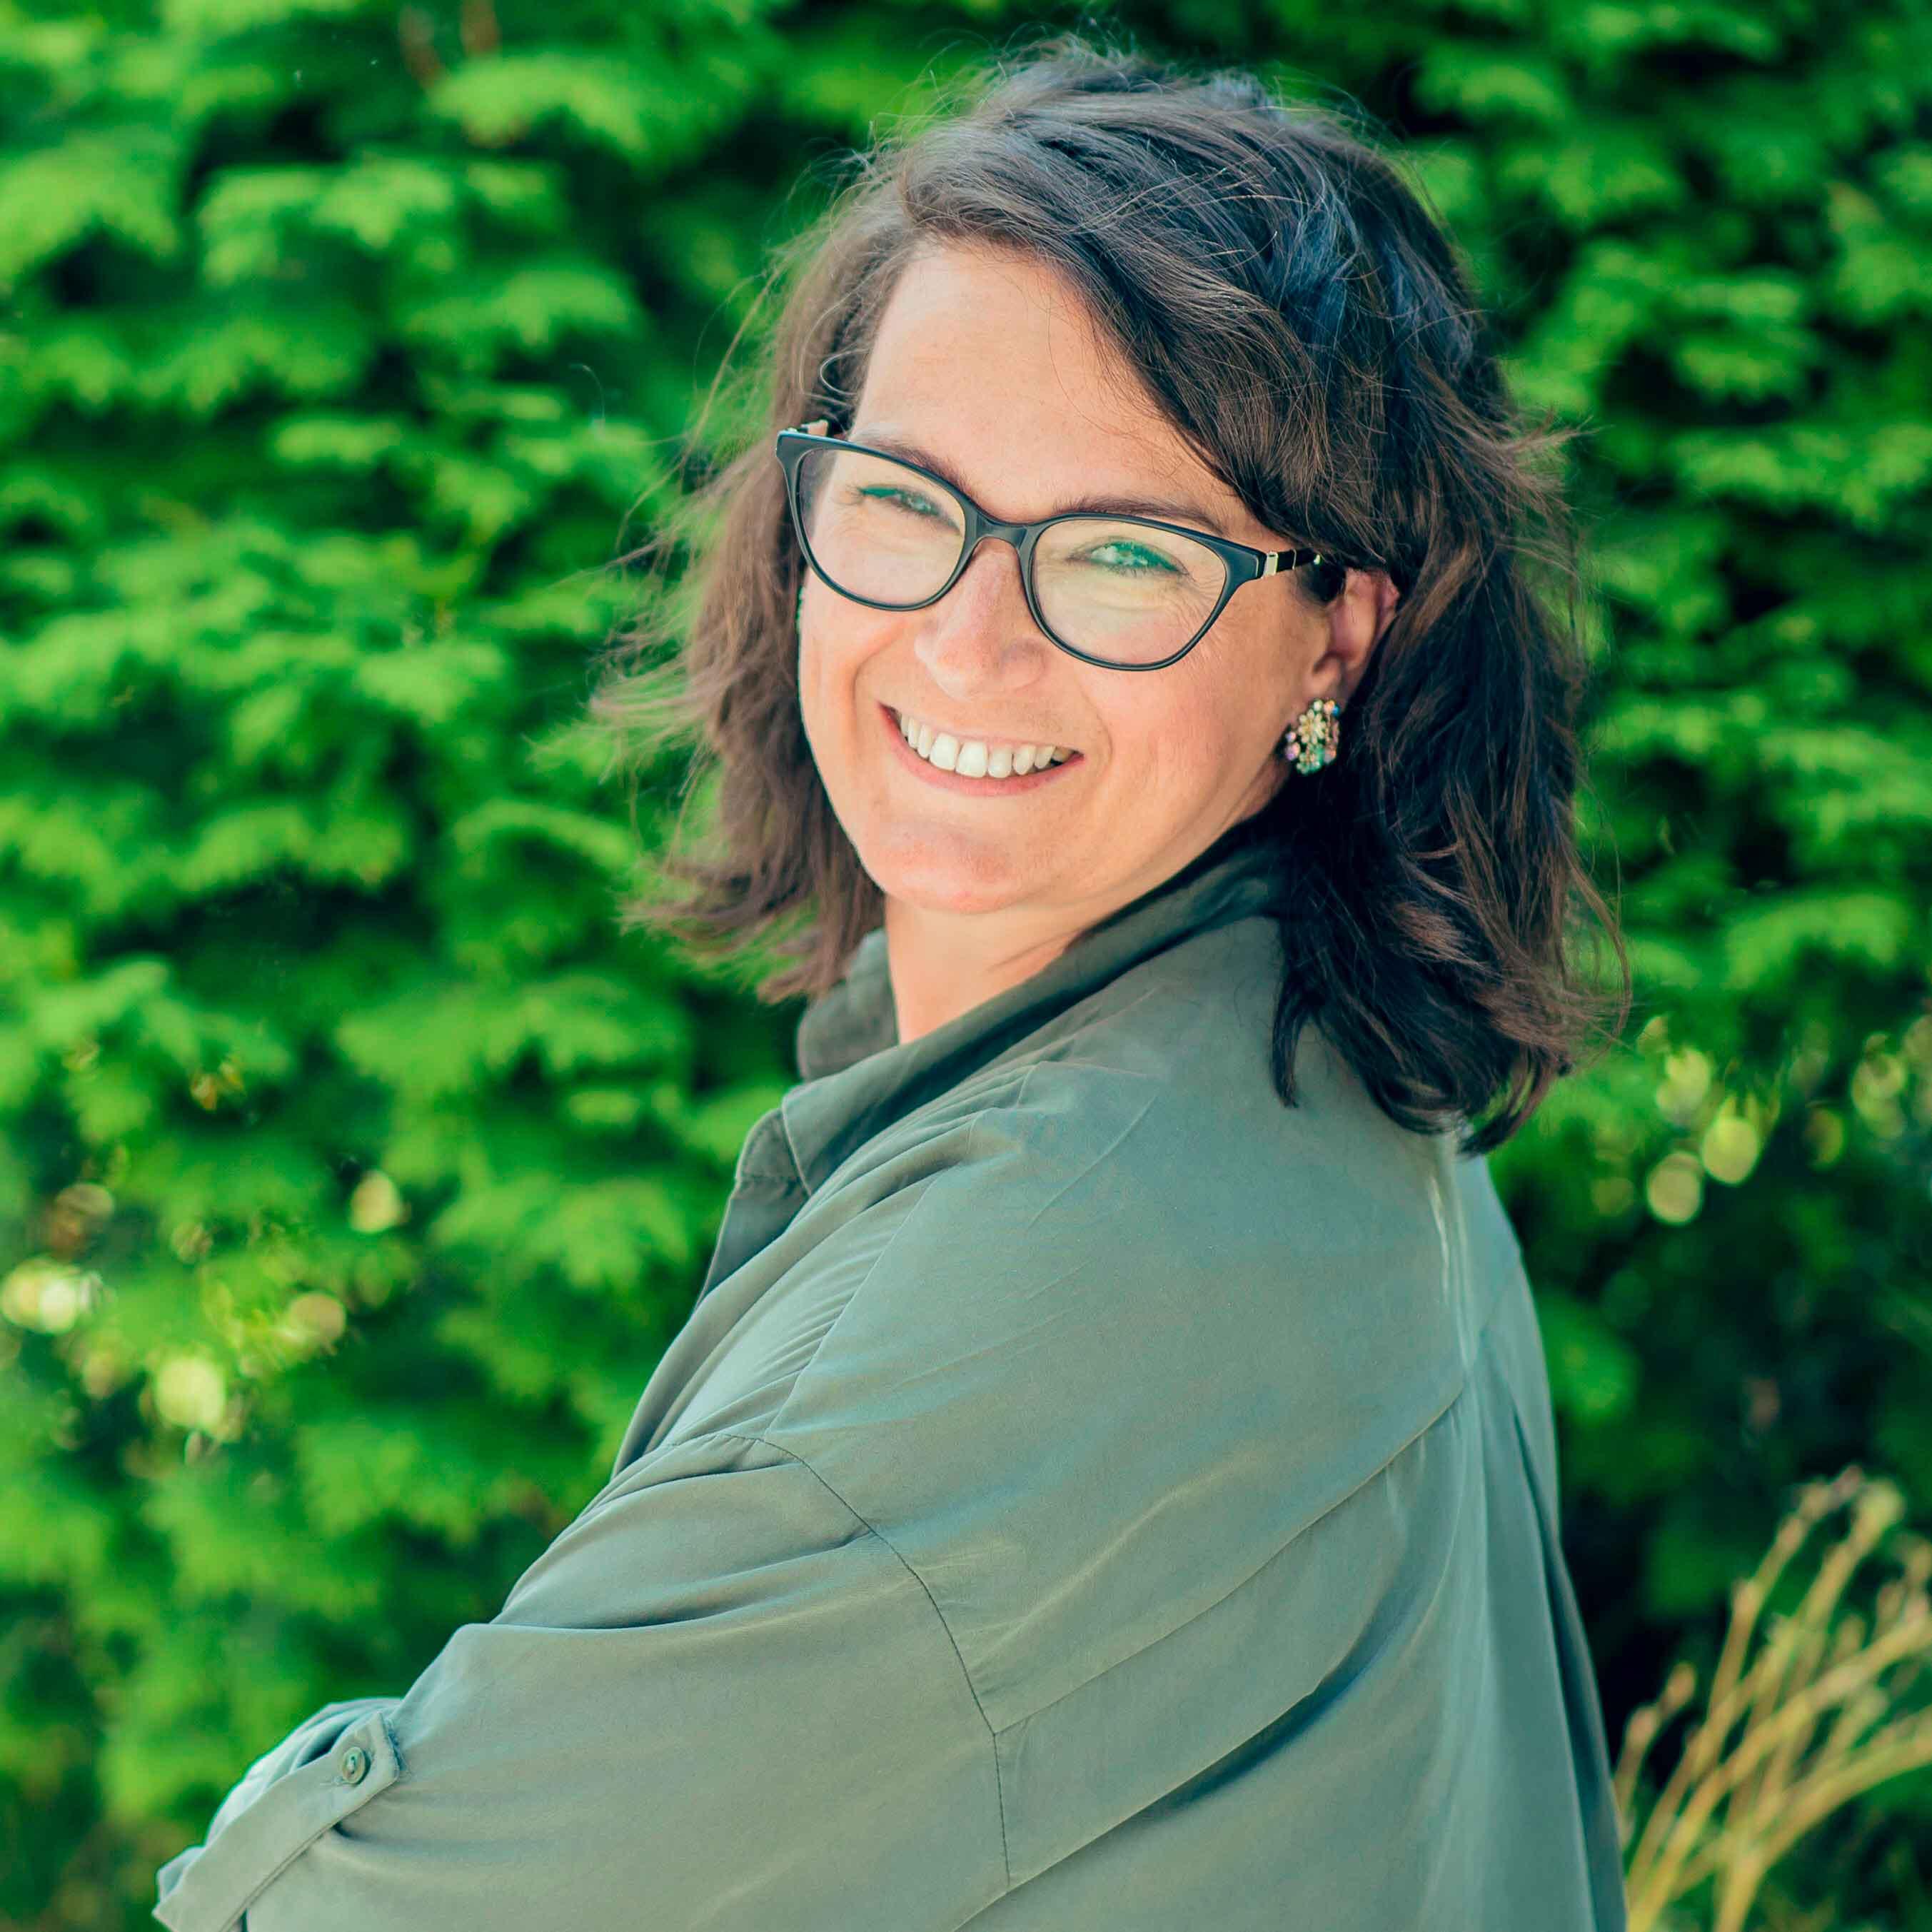 Equipo Ivory - Gemma Morandeira